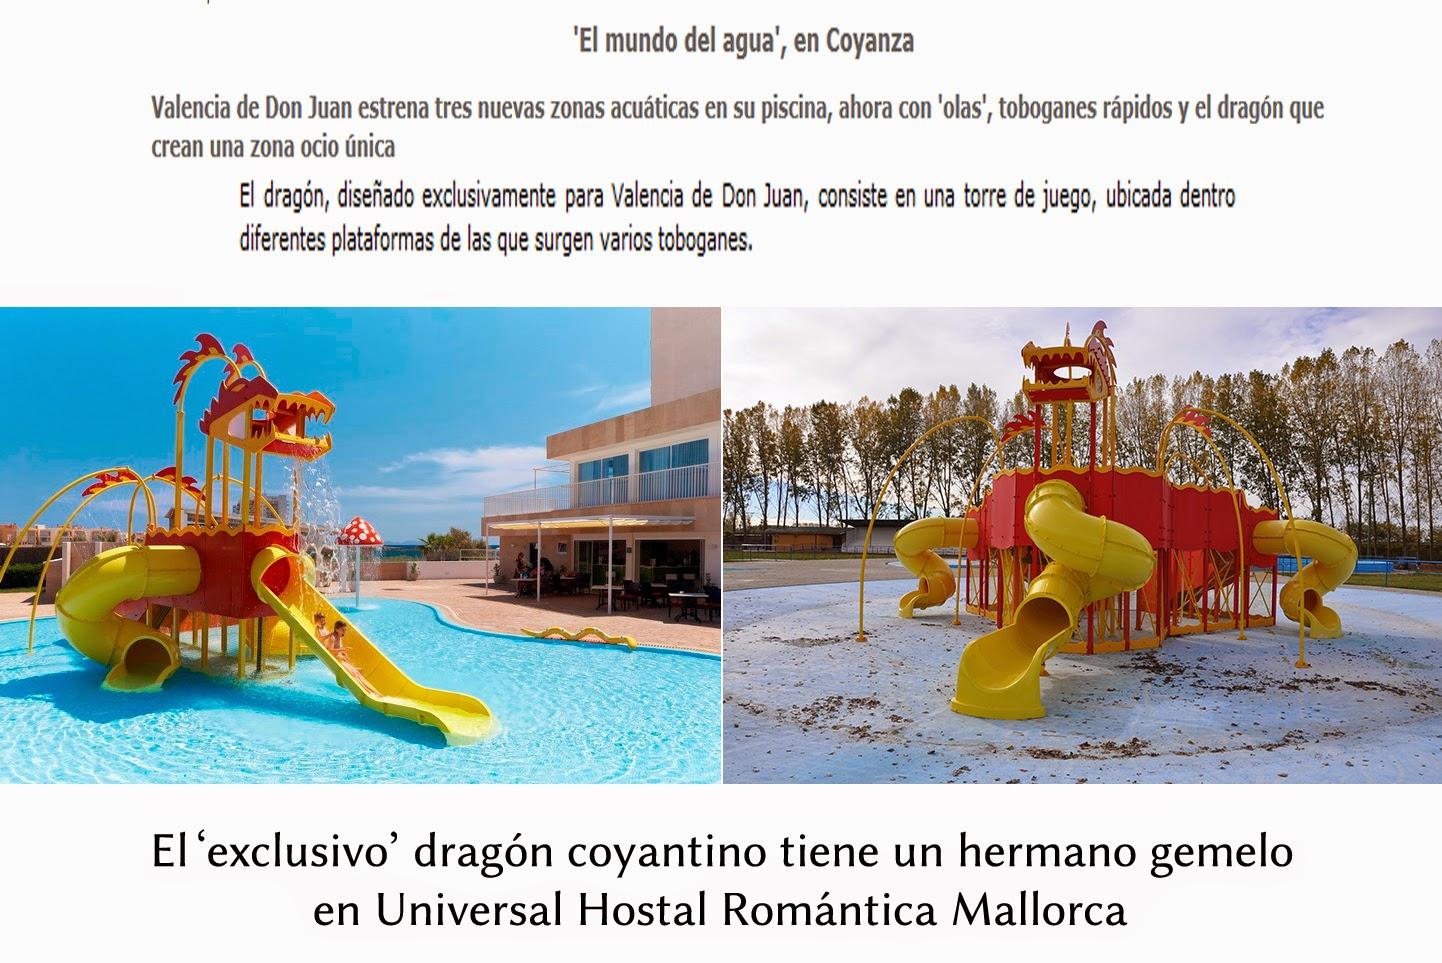 Horario Piscinas Valencia De Don Juan Of Psoe De Valencia De Don Juan 11 01 2014 12 01 2014